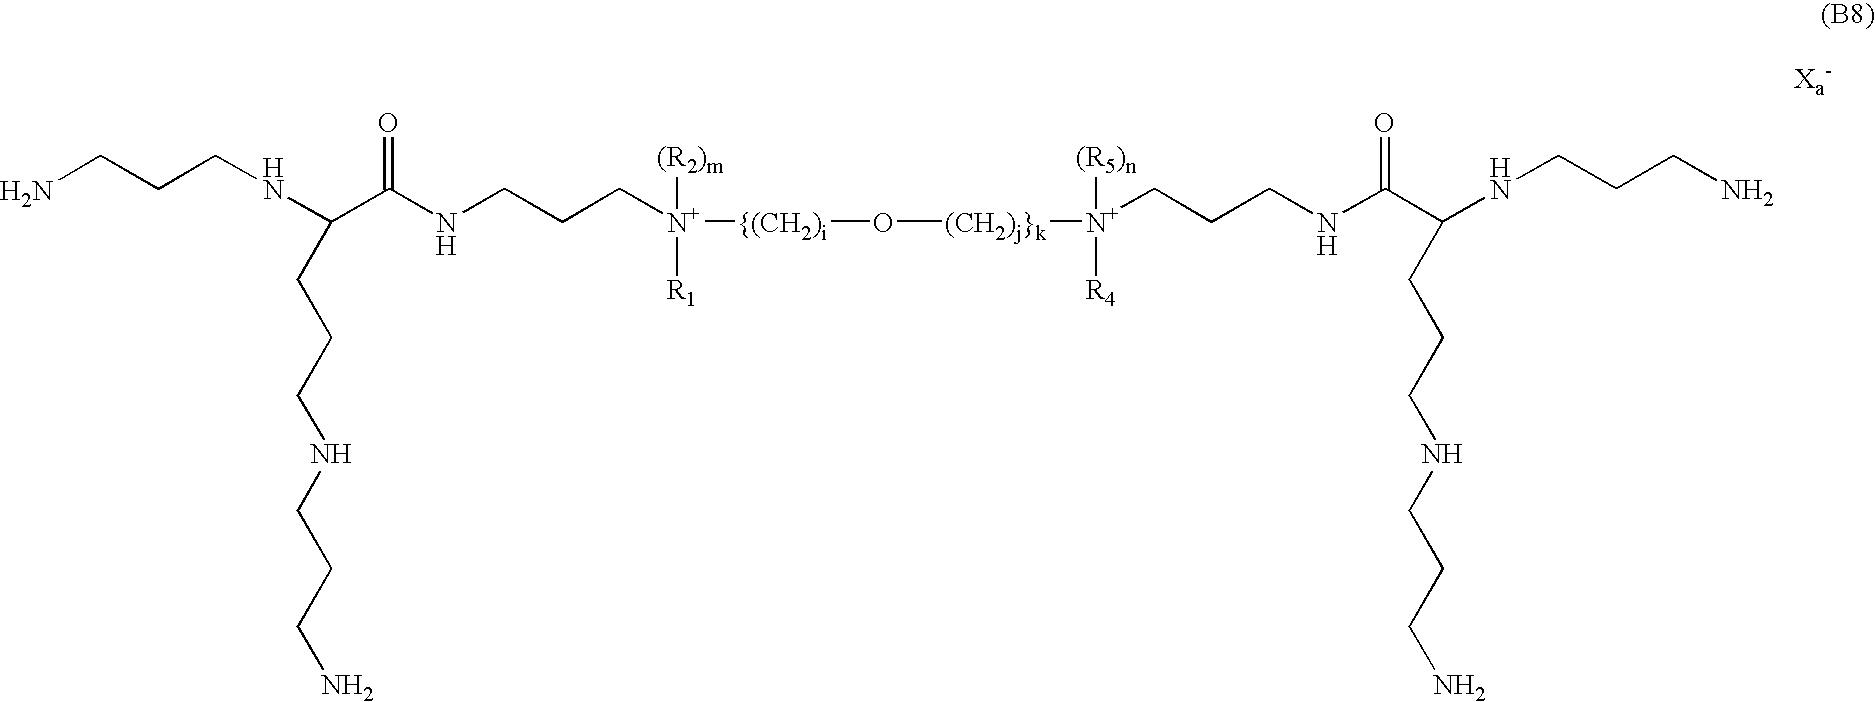 Figure US07601872-20091013-C00033